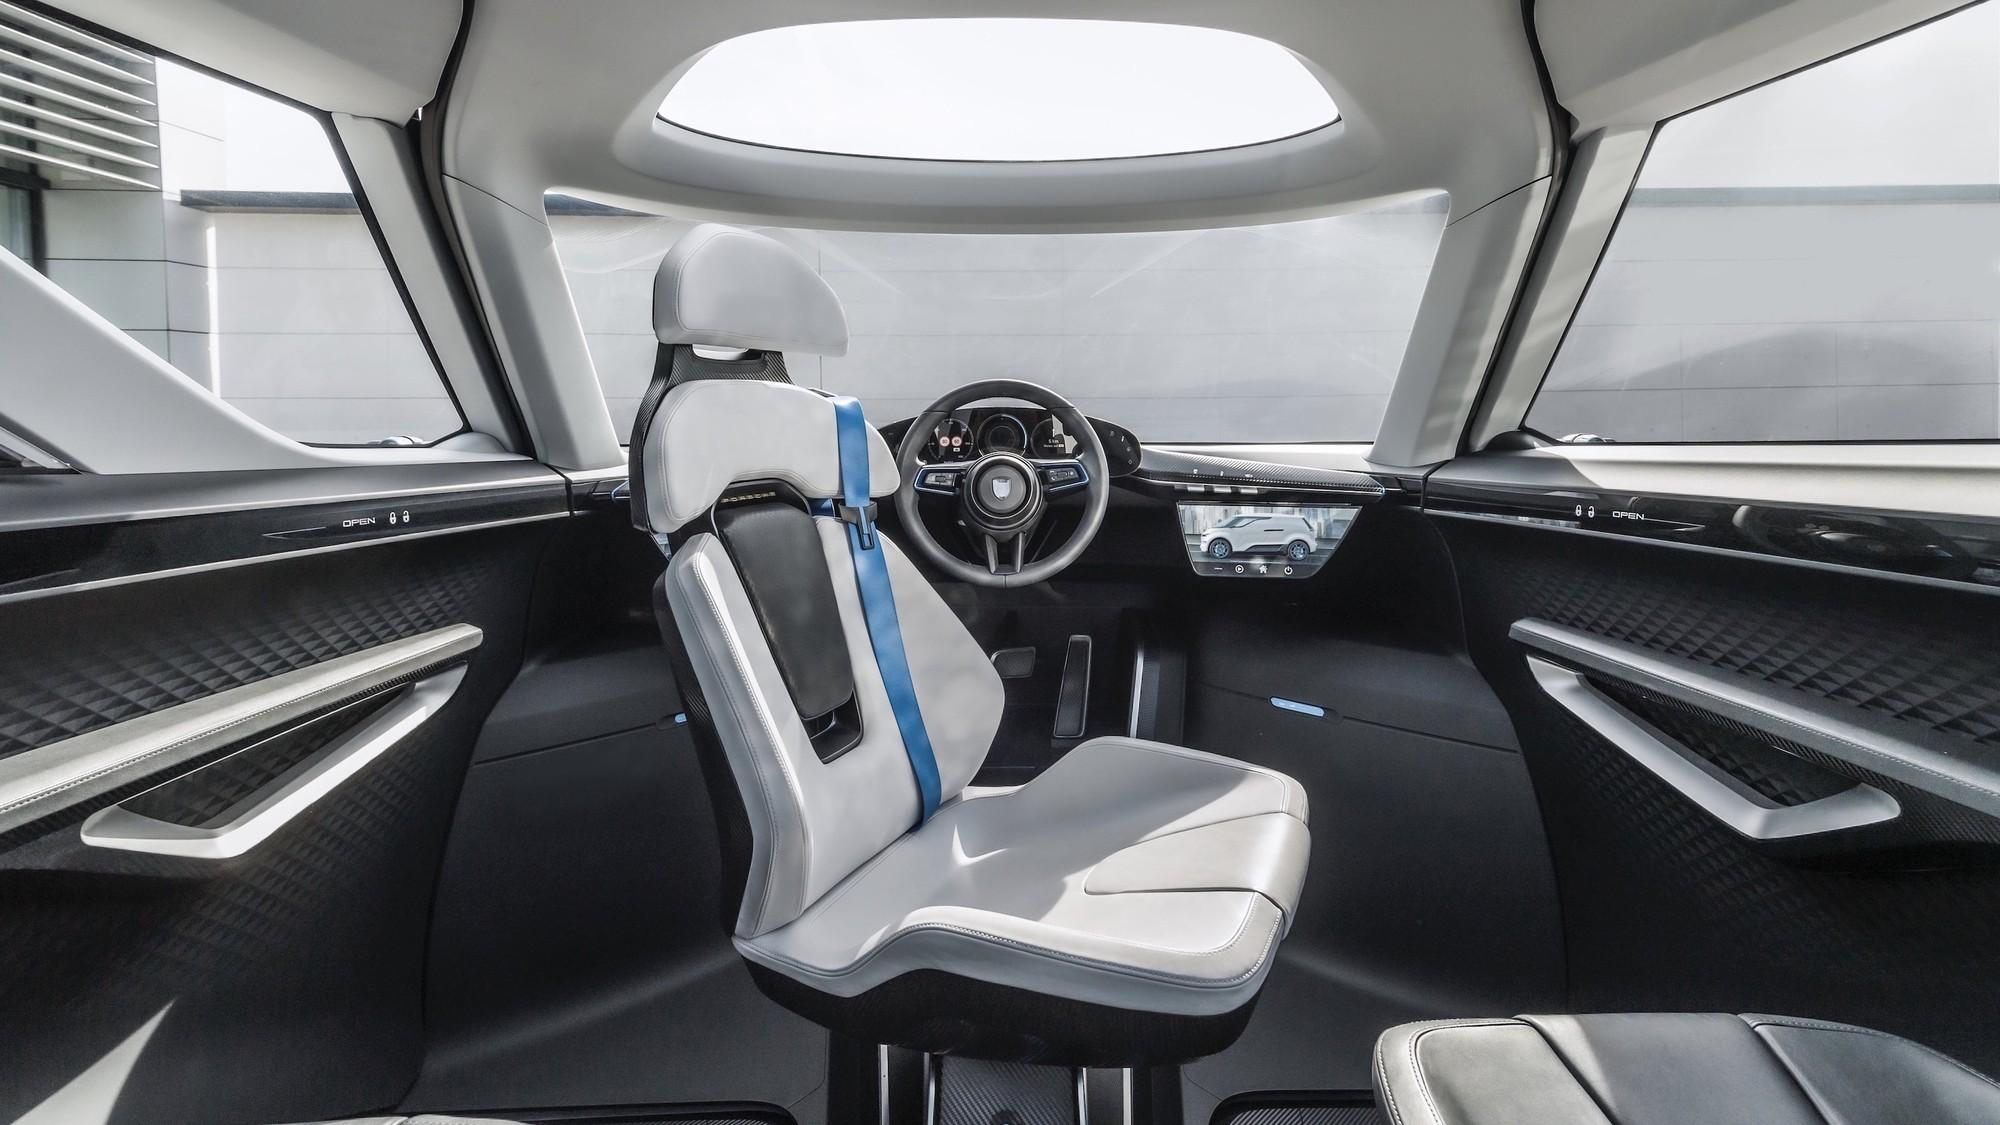 Минивэн Porsche Vision Renndienst показал салон: шесть мест и водитель по центру